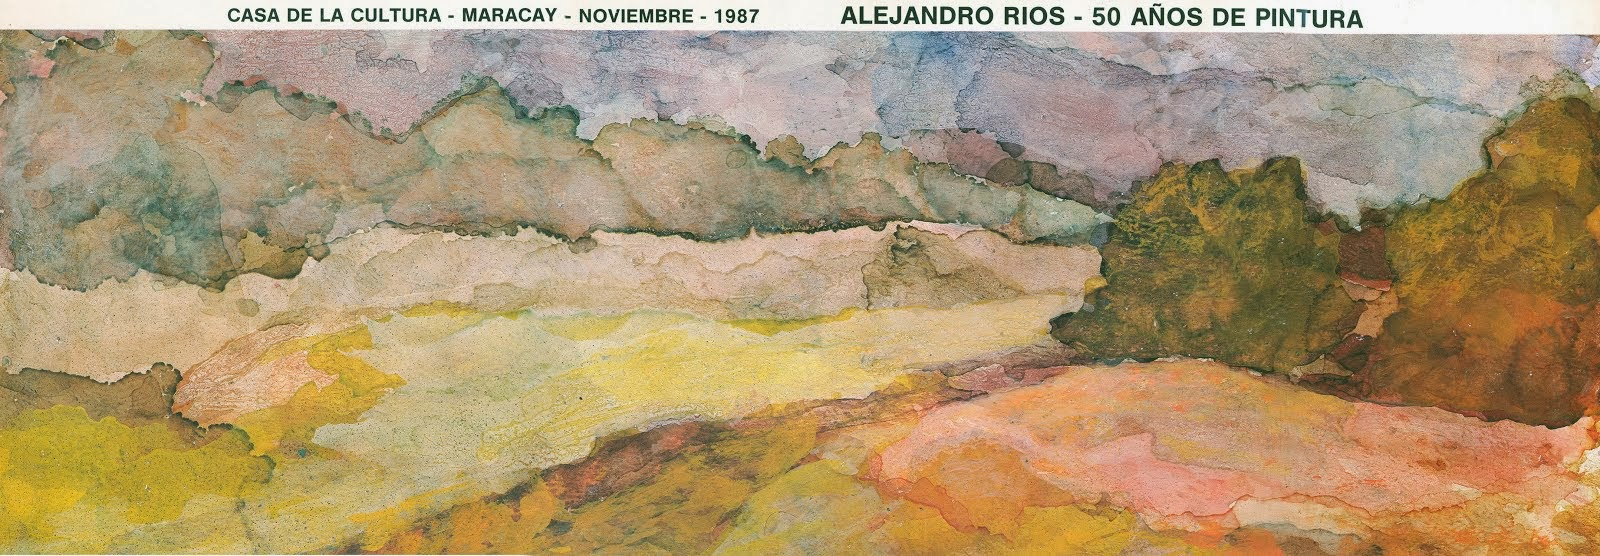 """Catálogo """"50 Años de Pintura"""" Maracay 1987"""